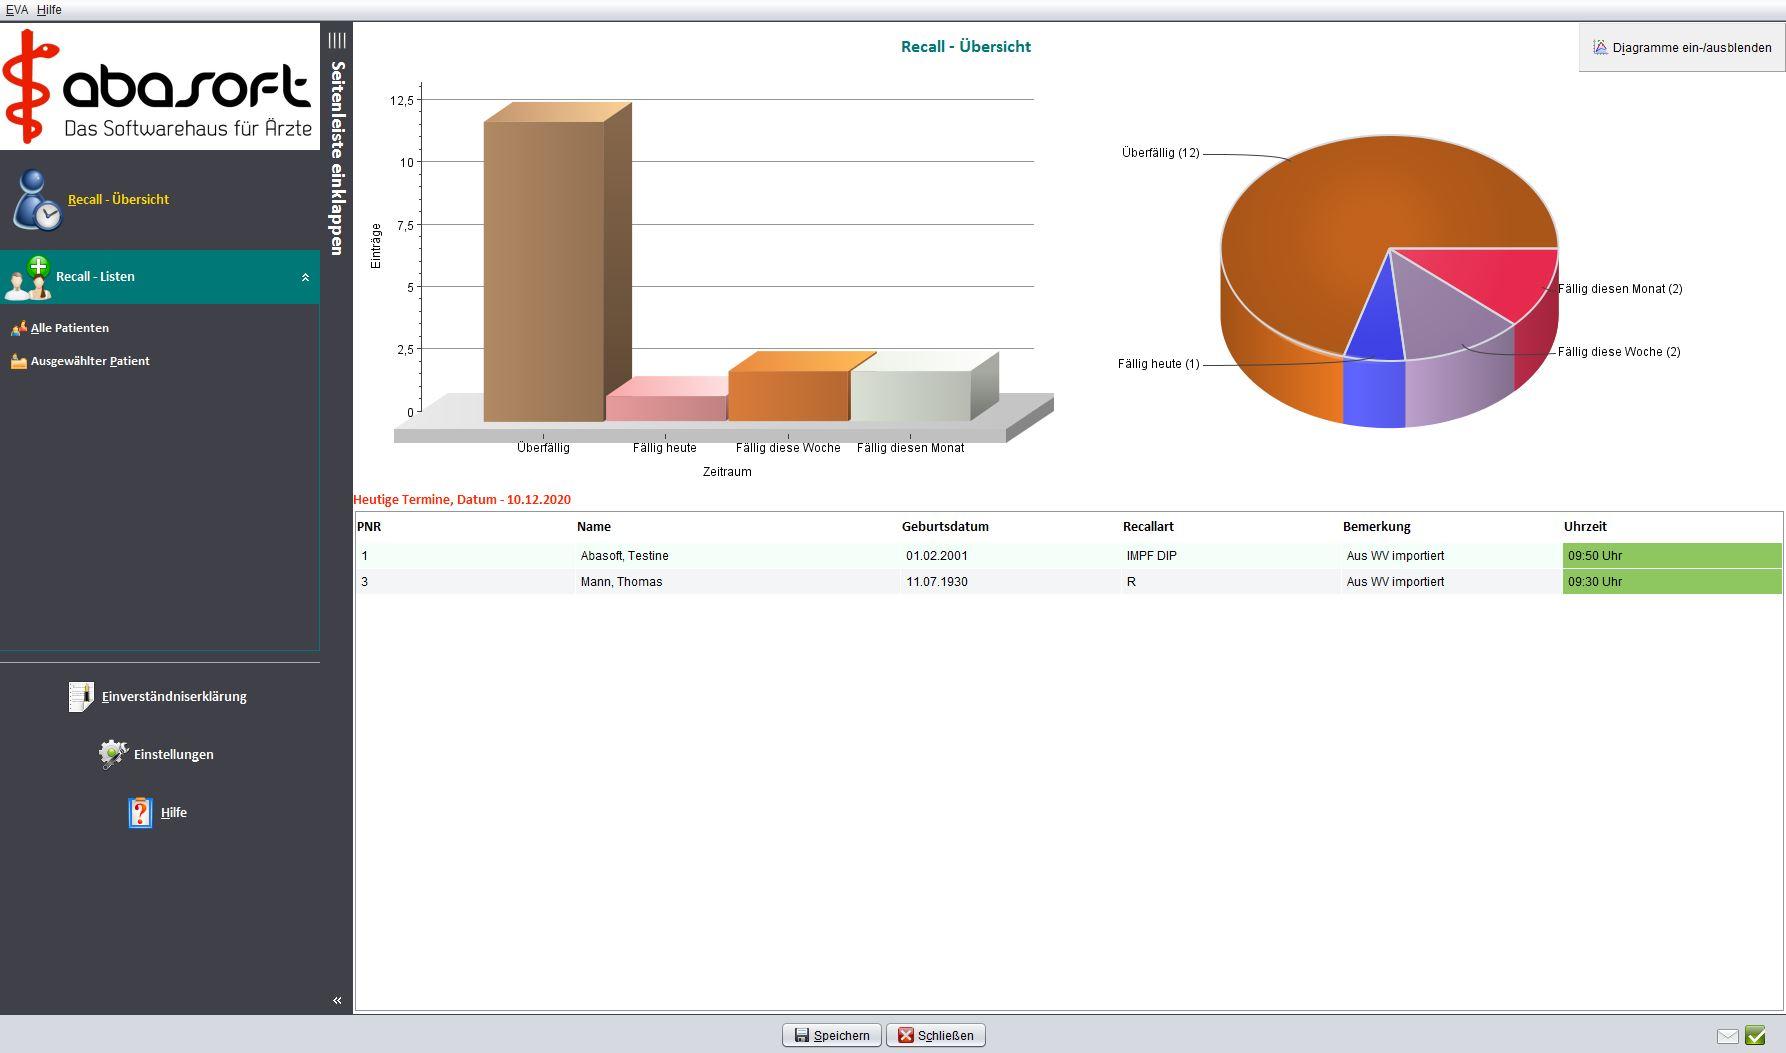 Die integrierte Statistik zeigt Ihnen ihre aktuellen Einträge sowie eine wöchentliche Statistik Ihres Recallmanagements an.